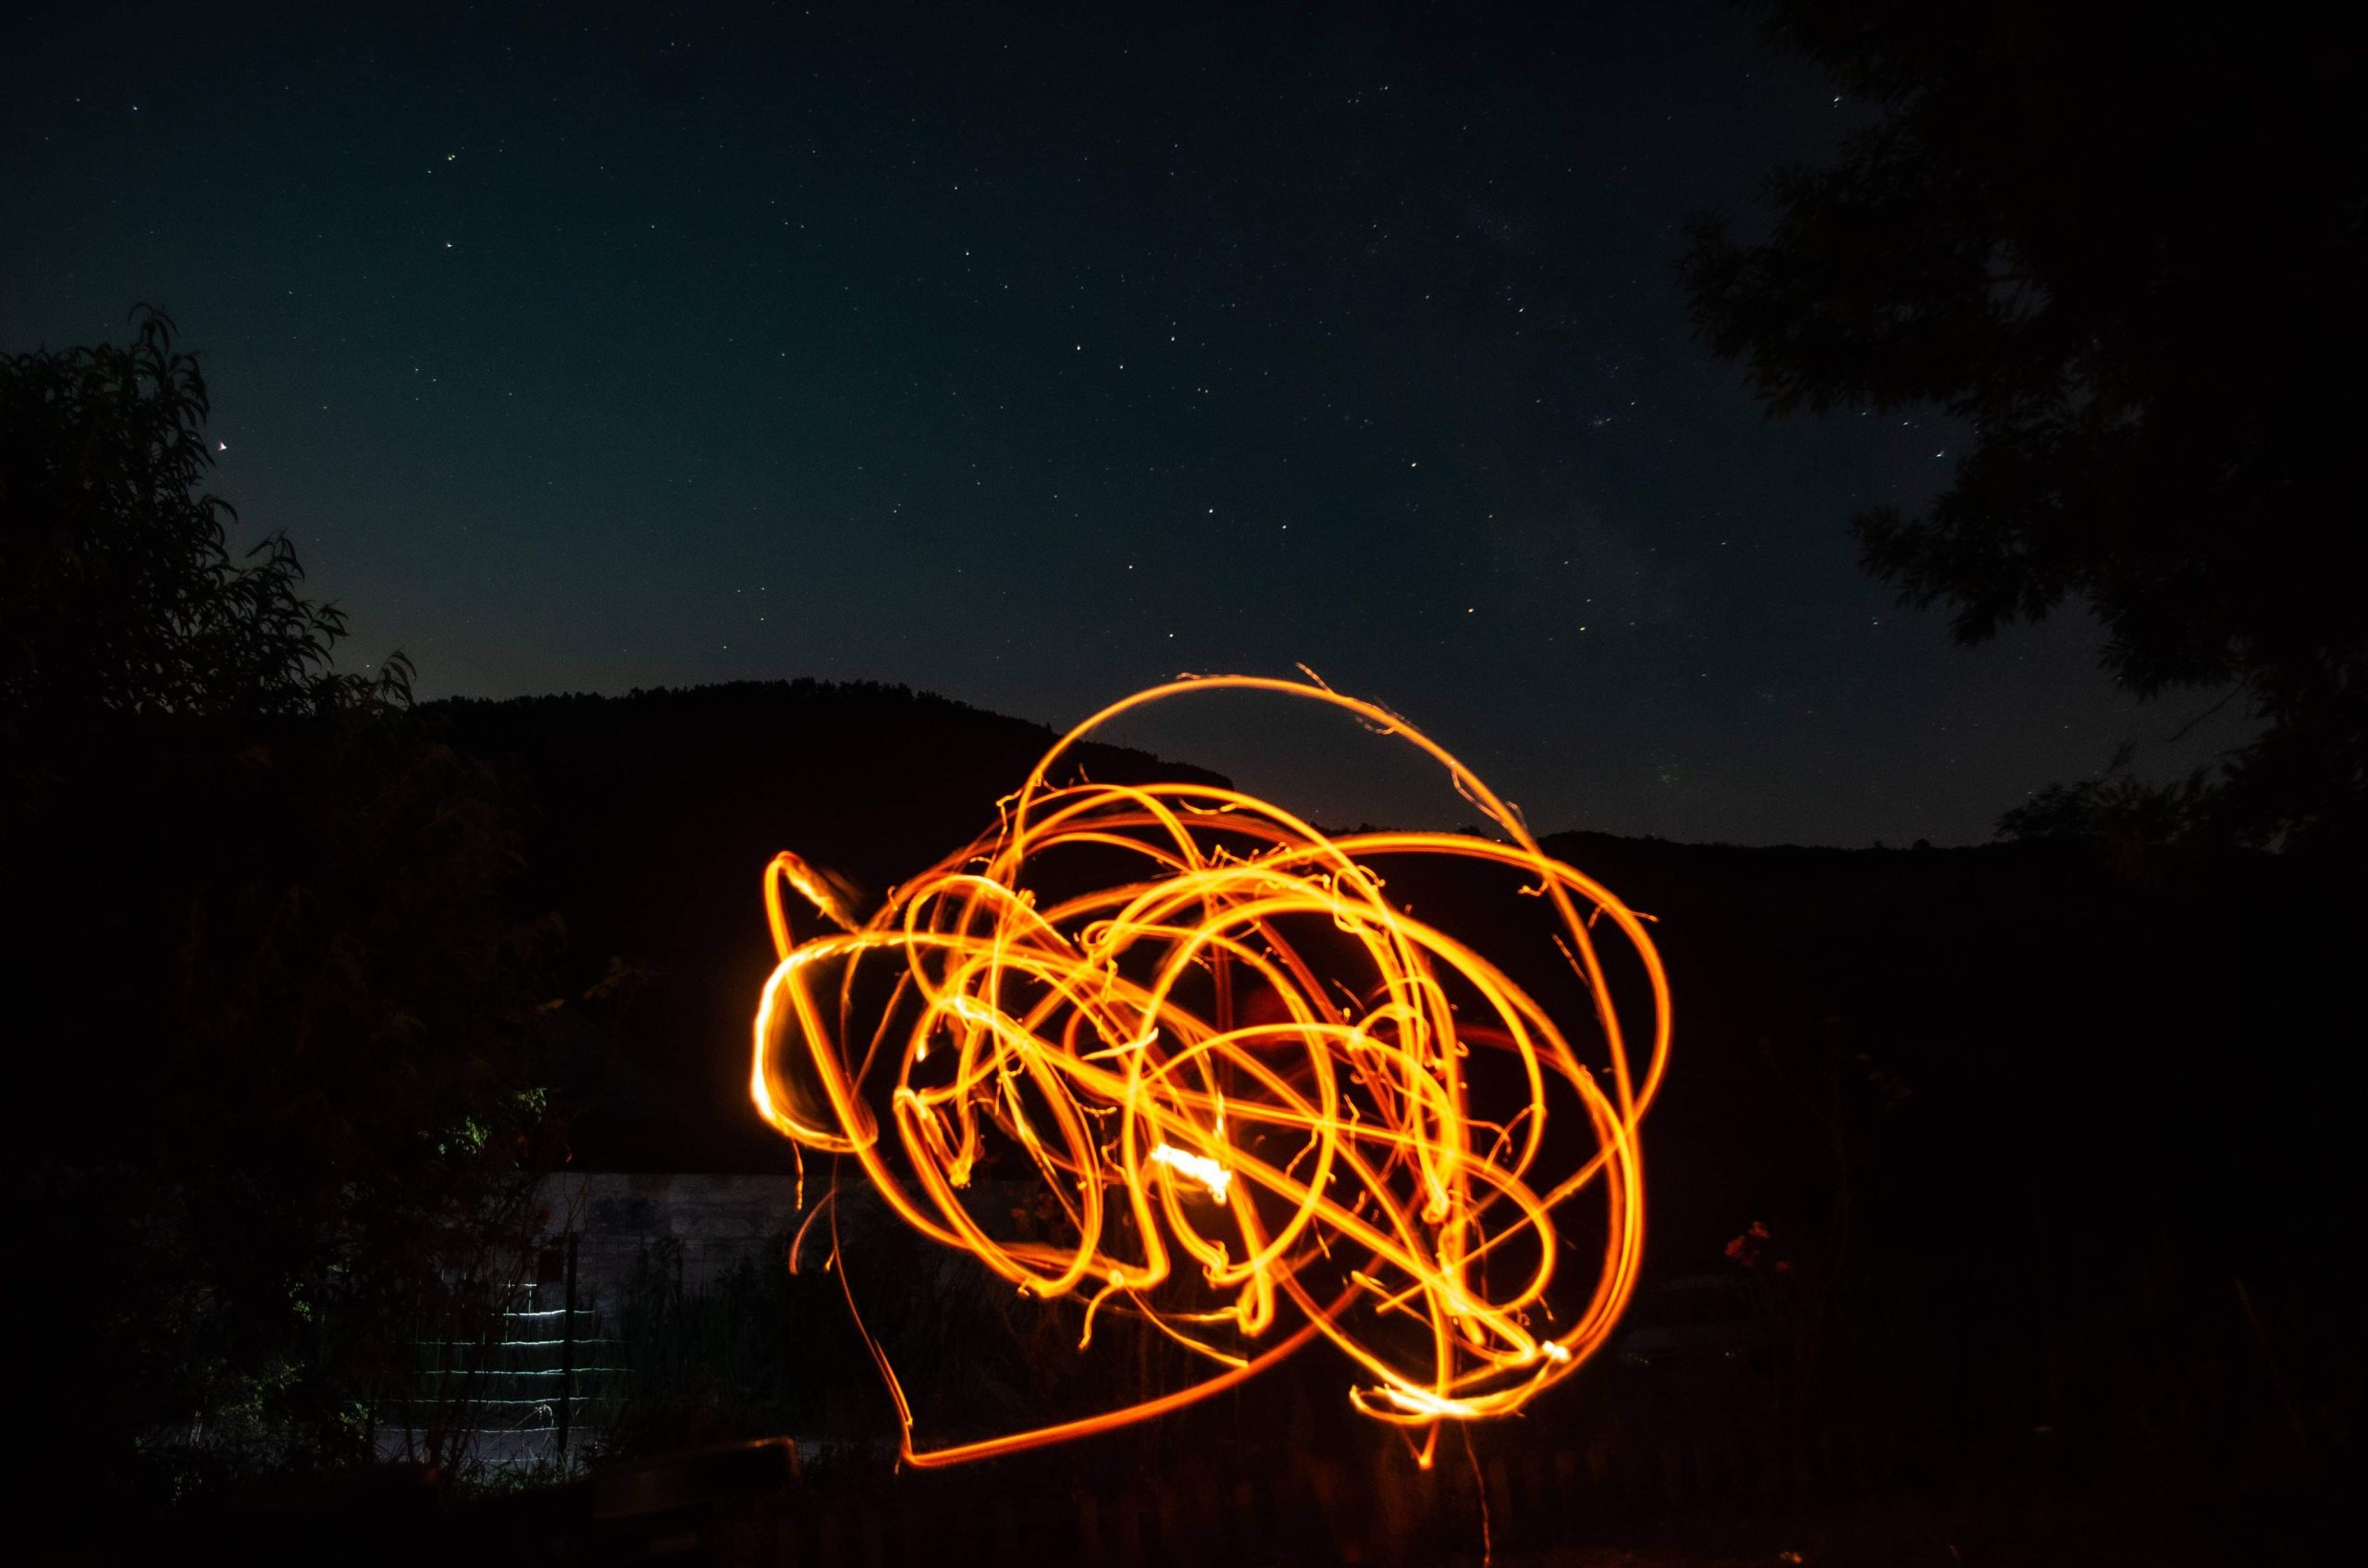 Composition artistique par technique de stop motion: sur un fond de ciel étoilé de montagne, des prises successives d'images accolées forment une composition abstraite rendue  possible par le mouvement d'un bâton enflammé  dans l'air. L'effet est un tourbillon de feu, qui semble voler dans ce ciel.